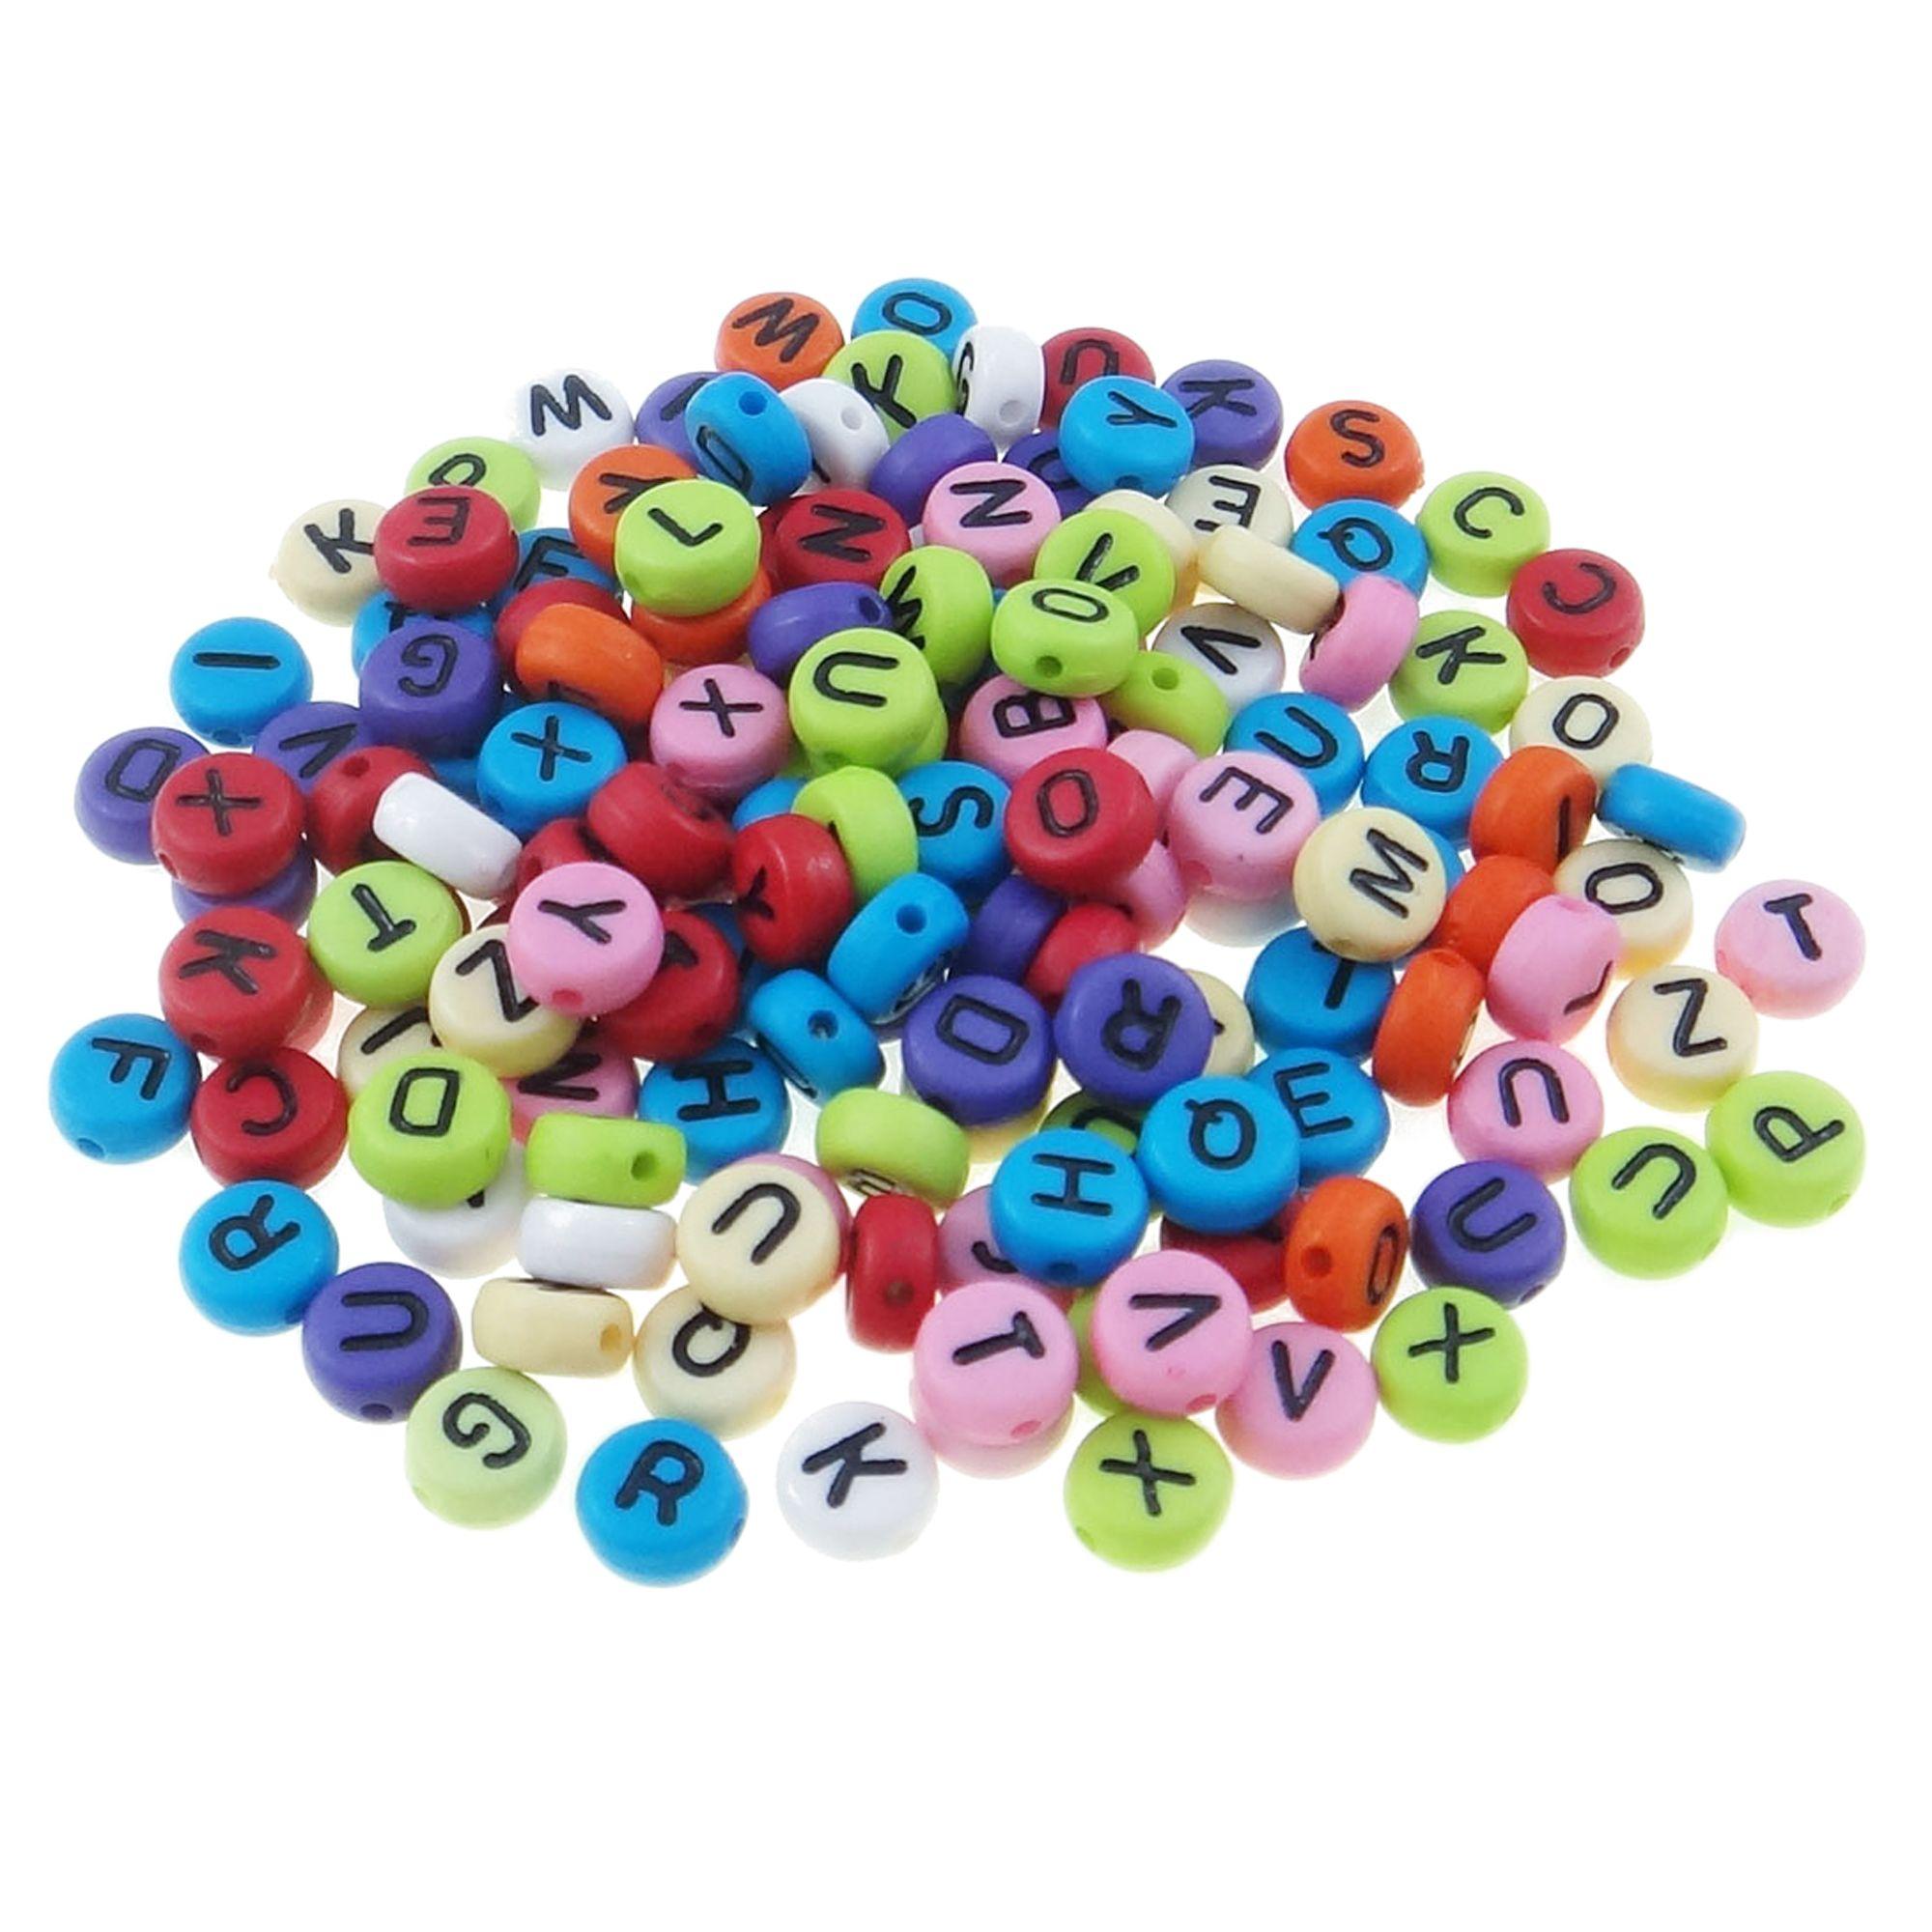 Perlen kaufen  300 Mix Buchstaben Perlen bunt 4x7mm Alphabet ABC schwarz ...